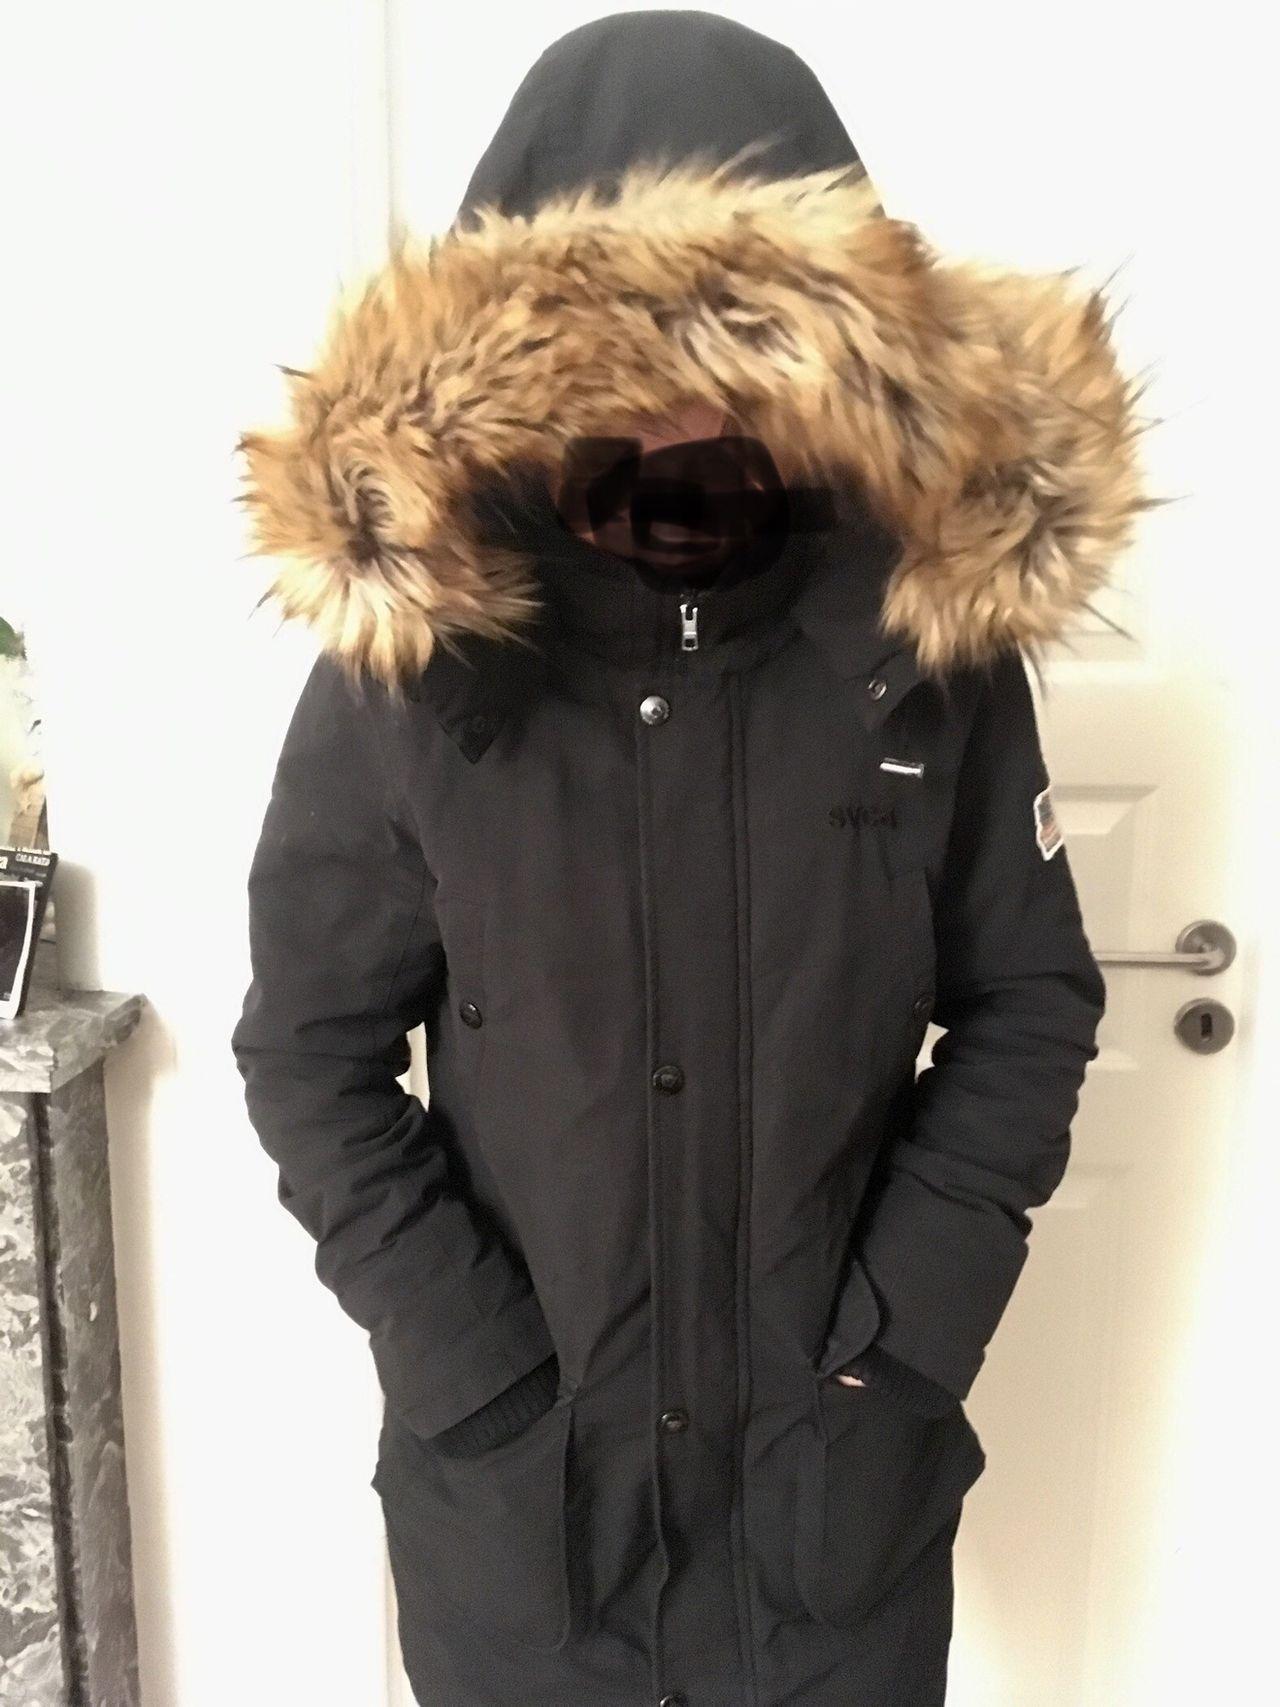 Svea jakke Kjøpe, selge og utveksle annonser finn den